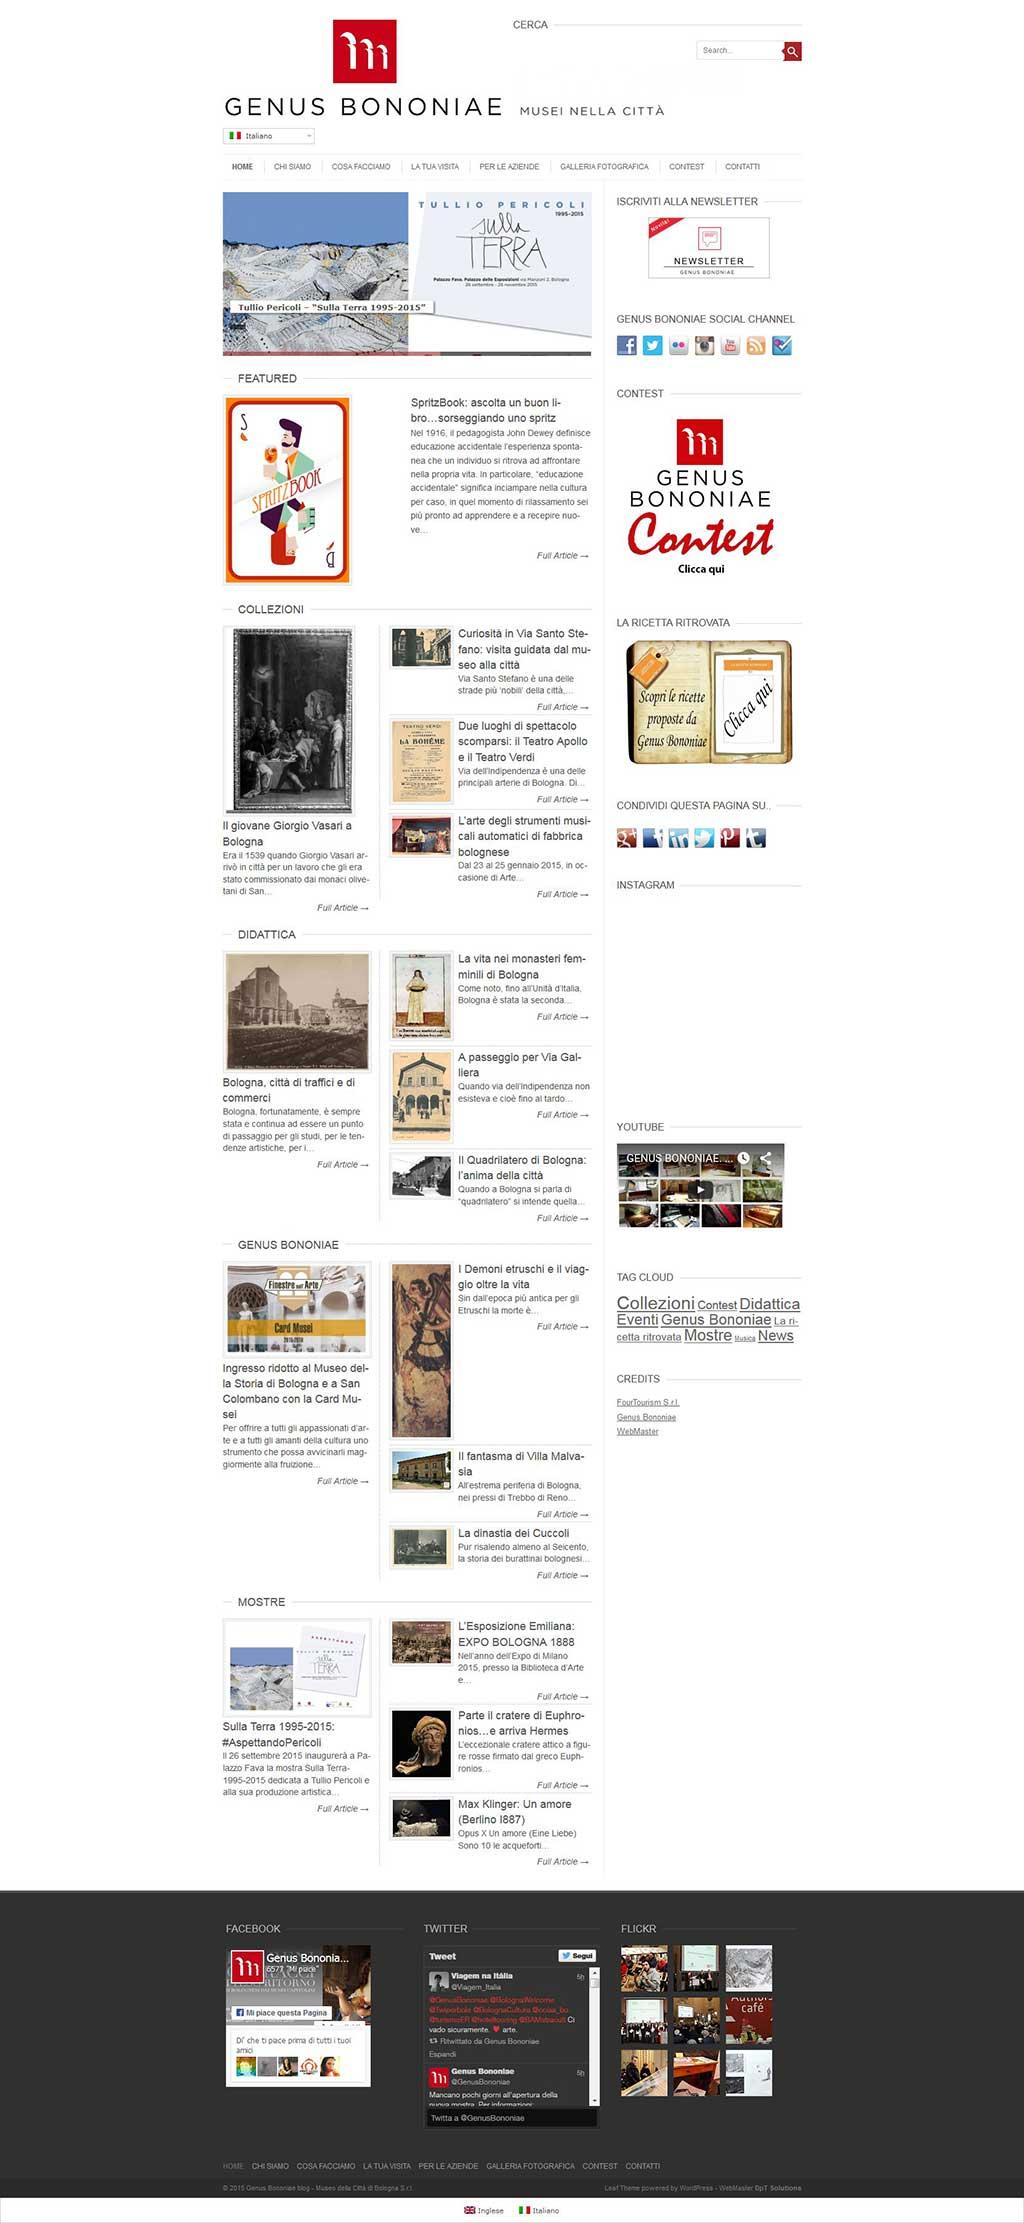 GenusBononiae Bologna Blog